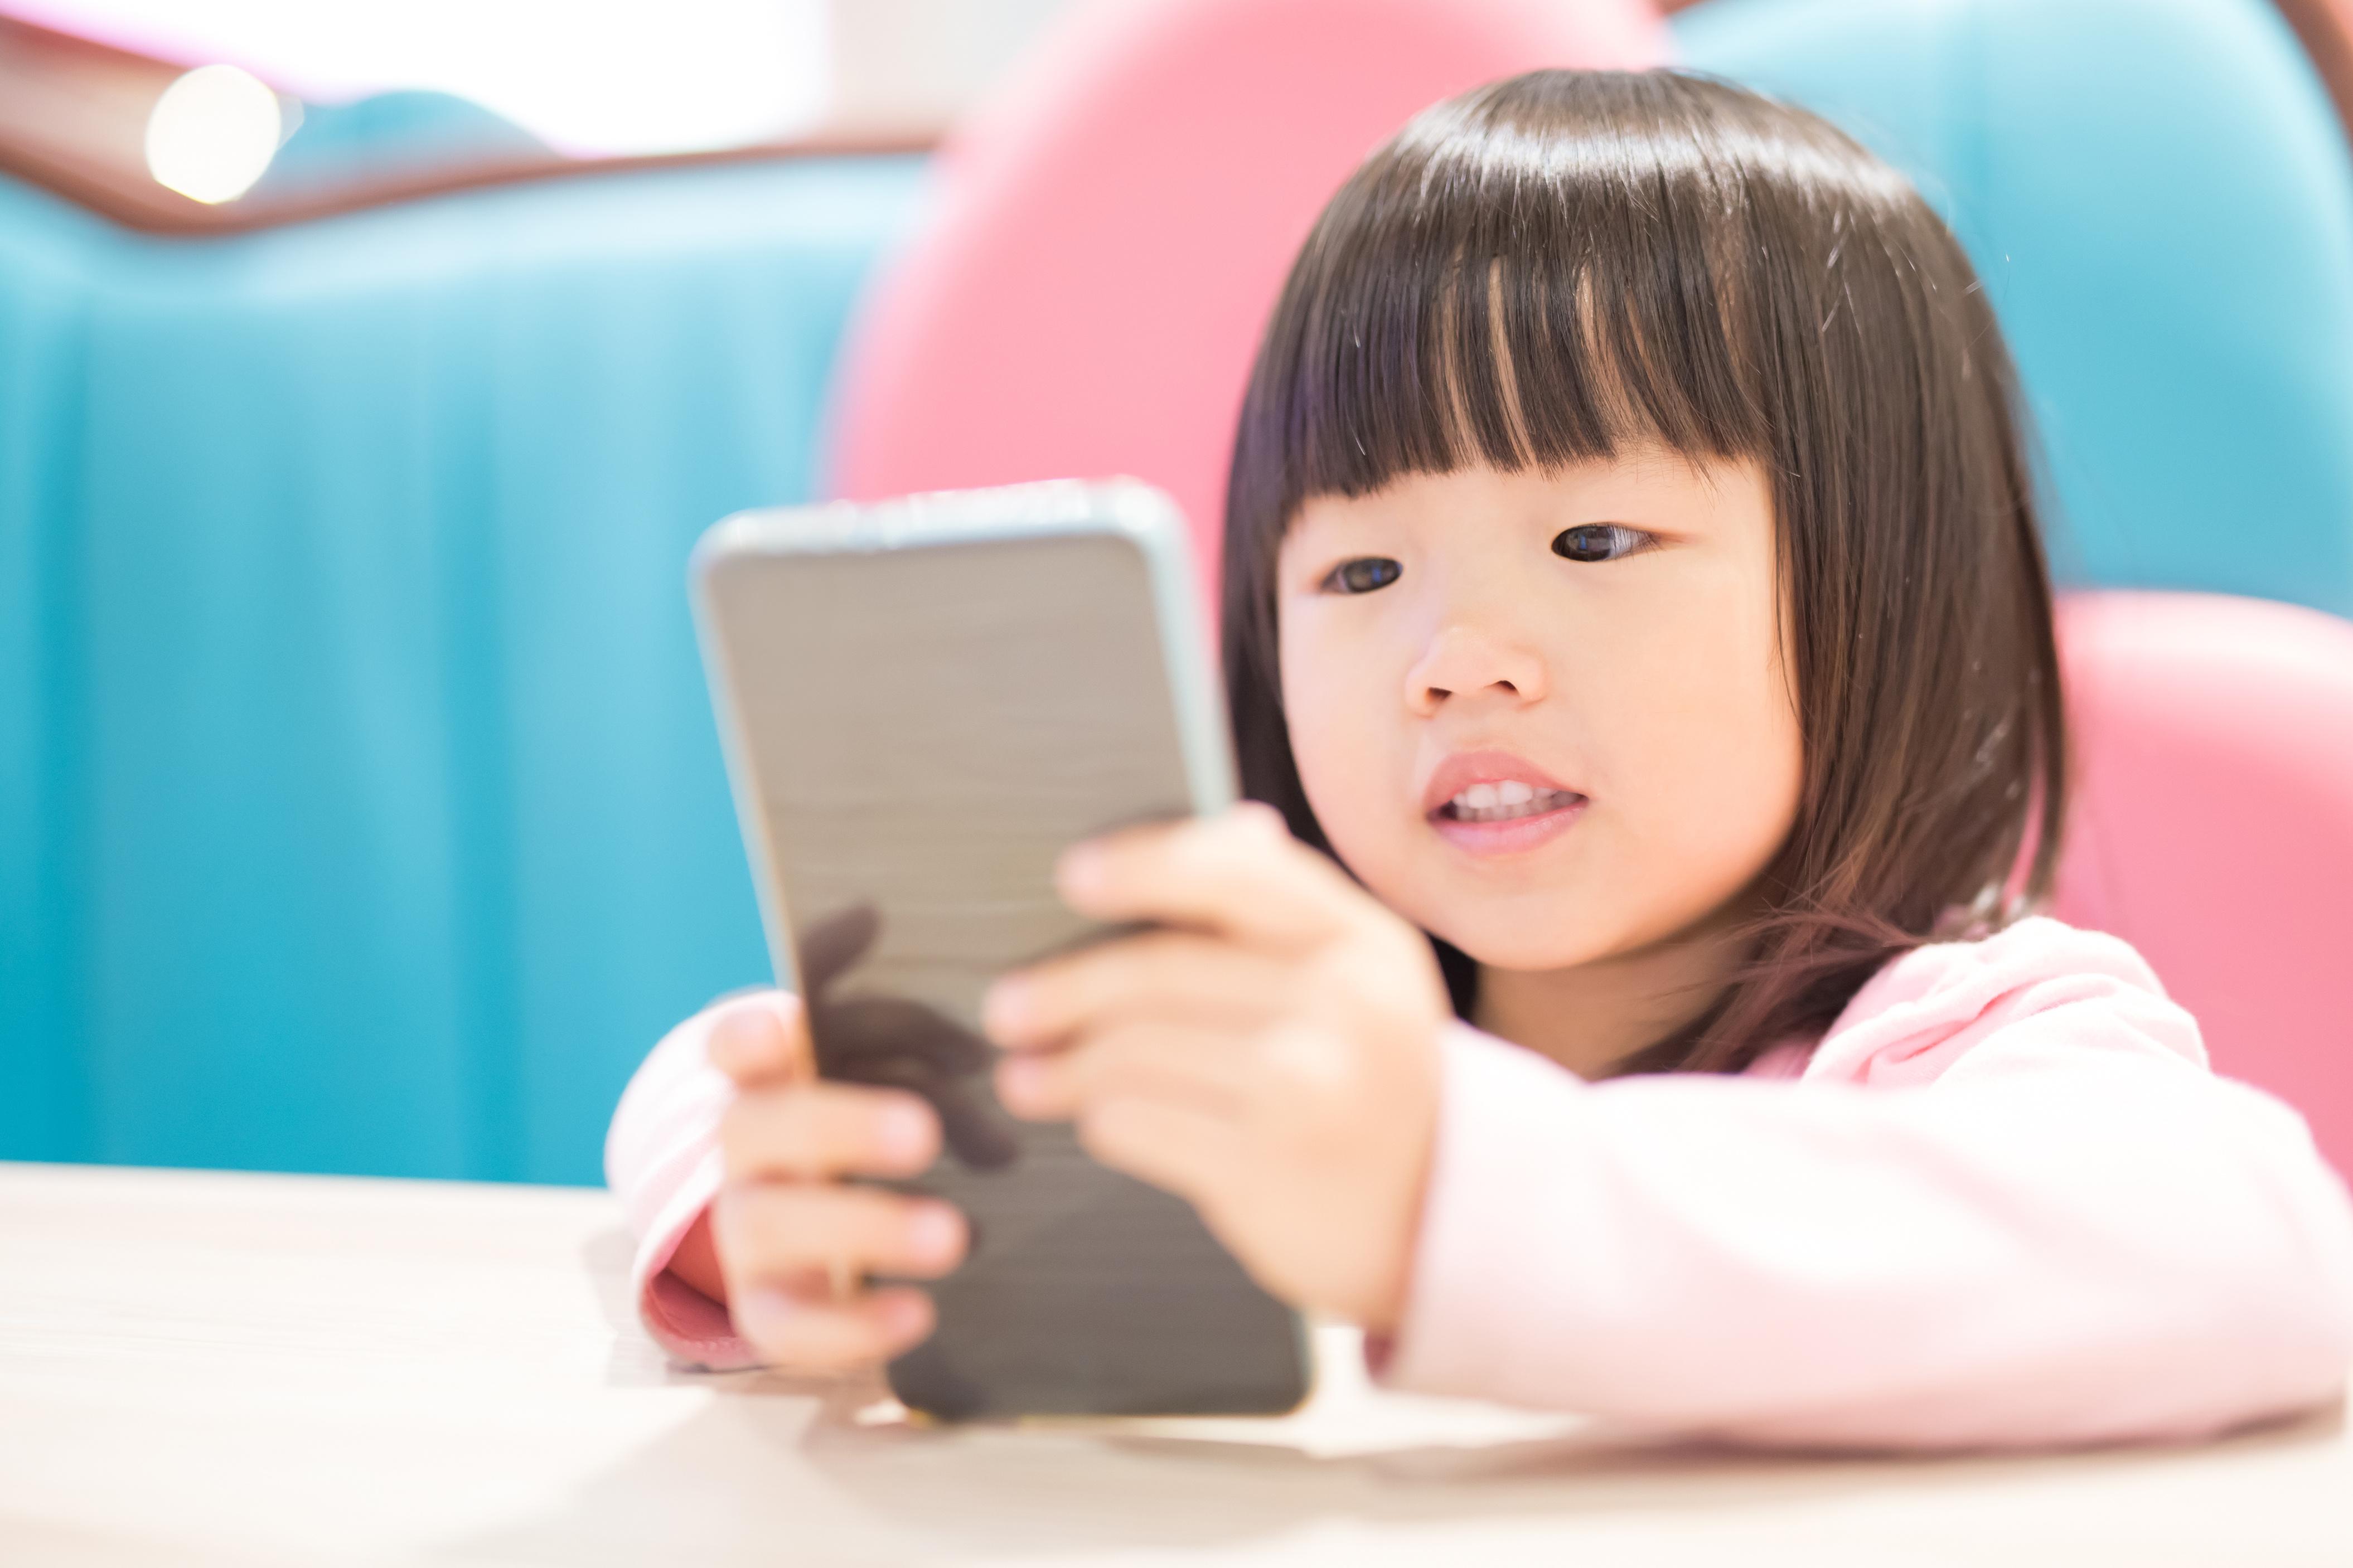 ส่งเสริมเด็กไทยเคลื่อนไหวลดเนือยนิ่ง thaihealth